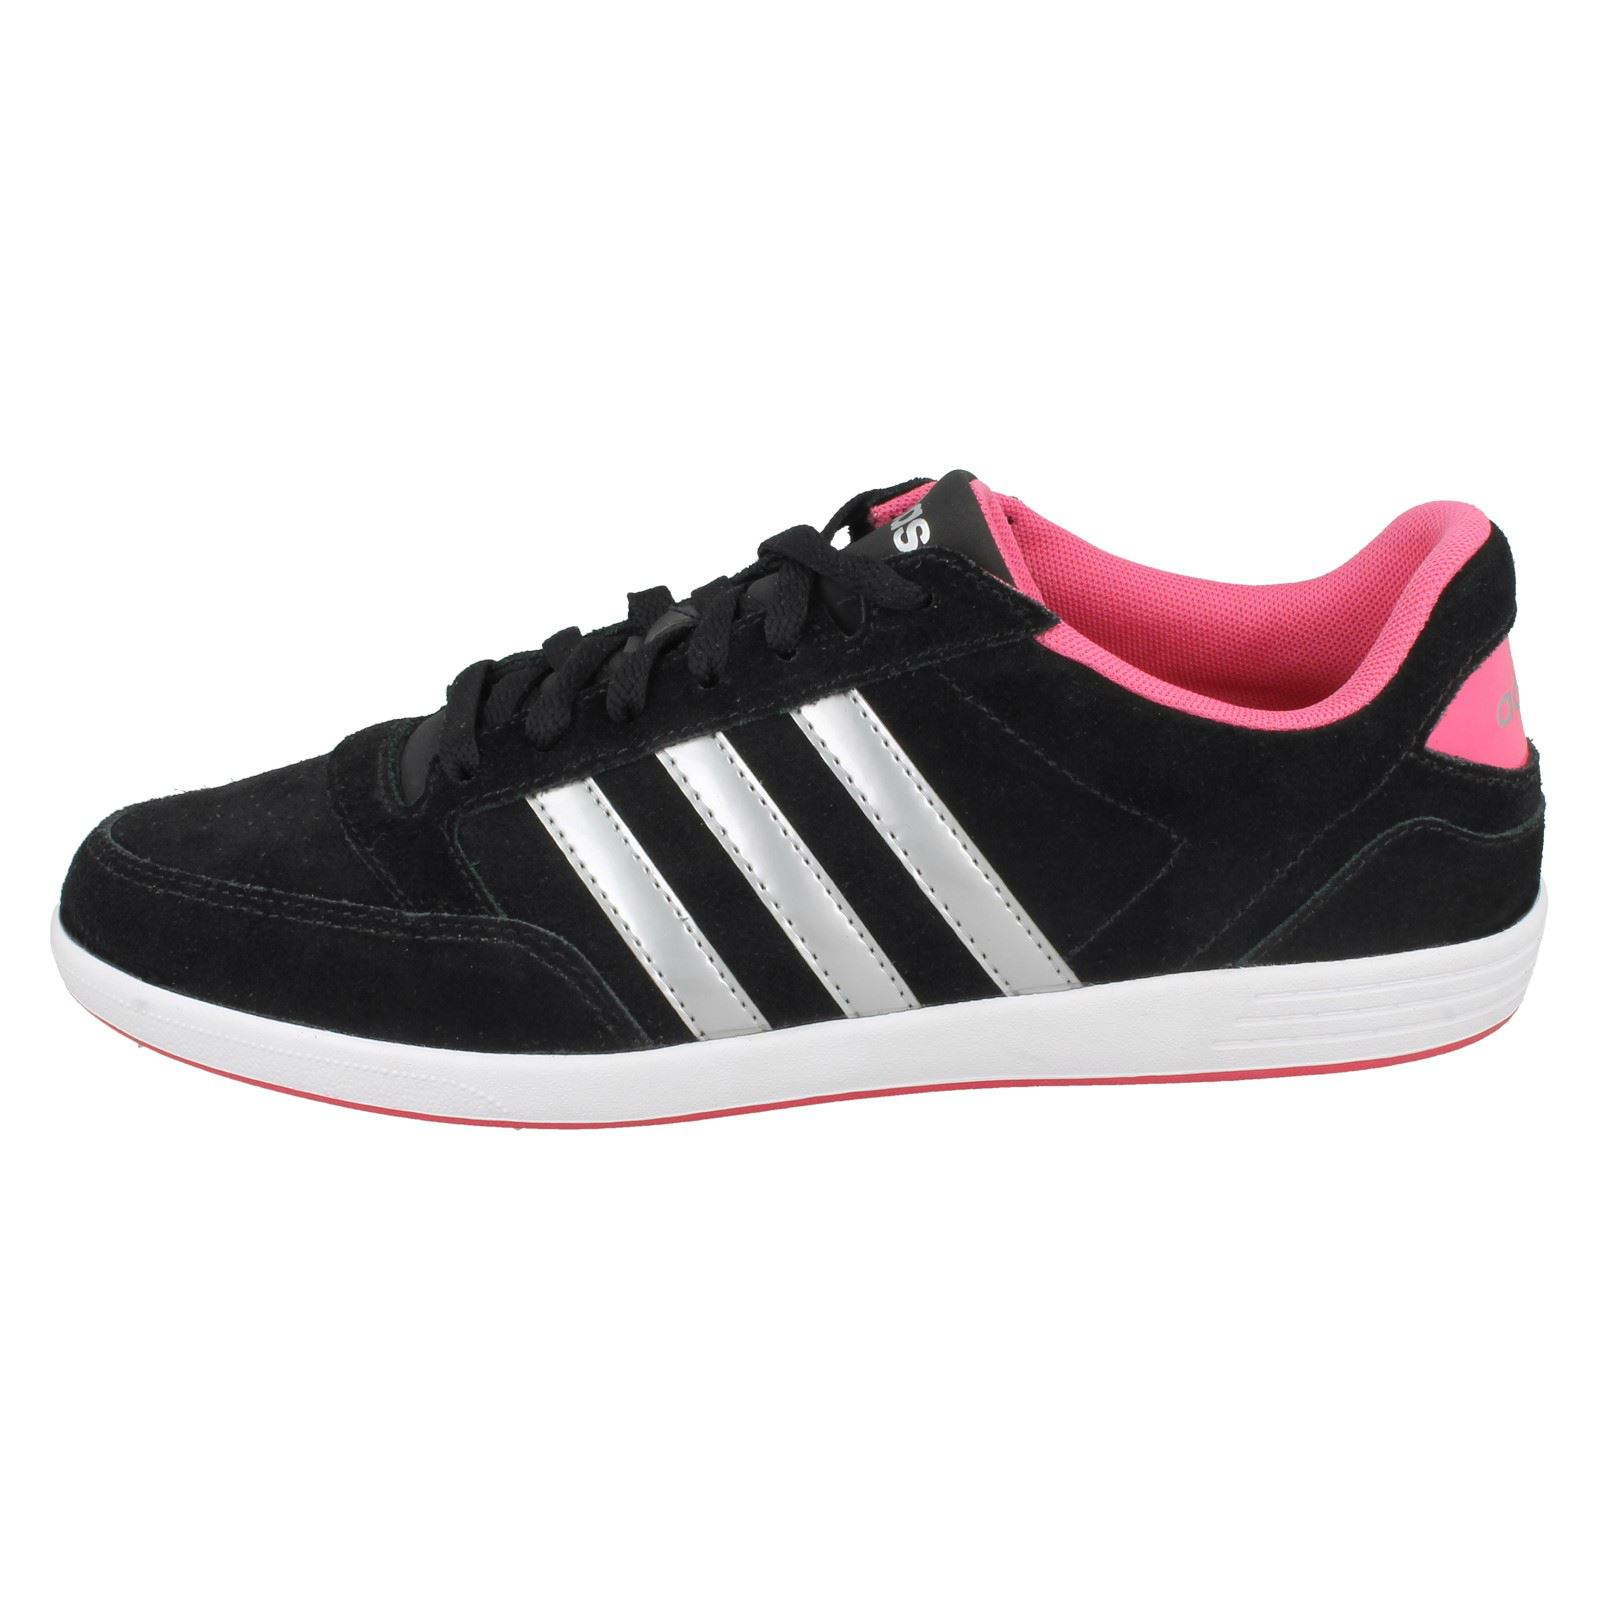 Aw5372 deporte para de Zapatillas mujer Vl cordones con Hoops W Adidas con cordones p85qPw